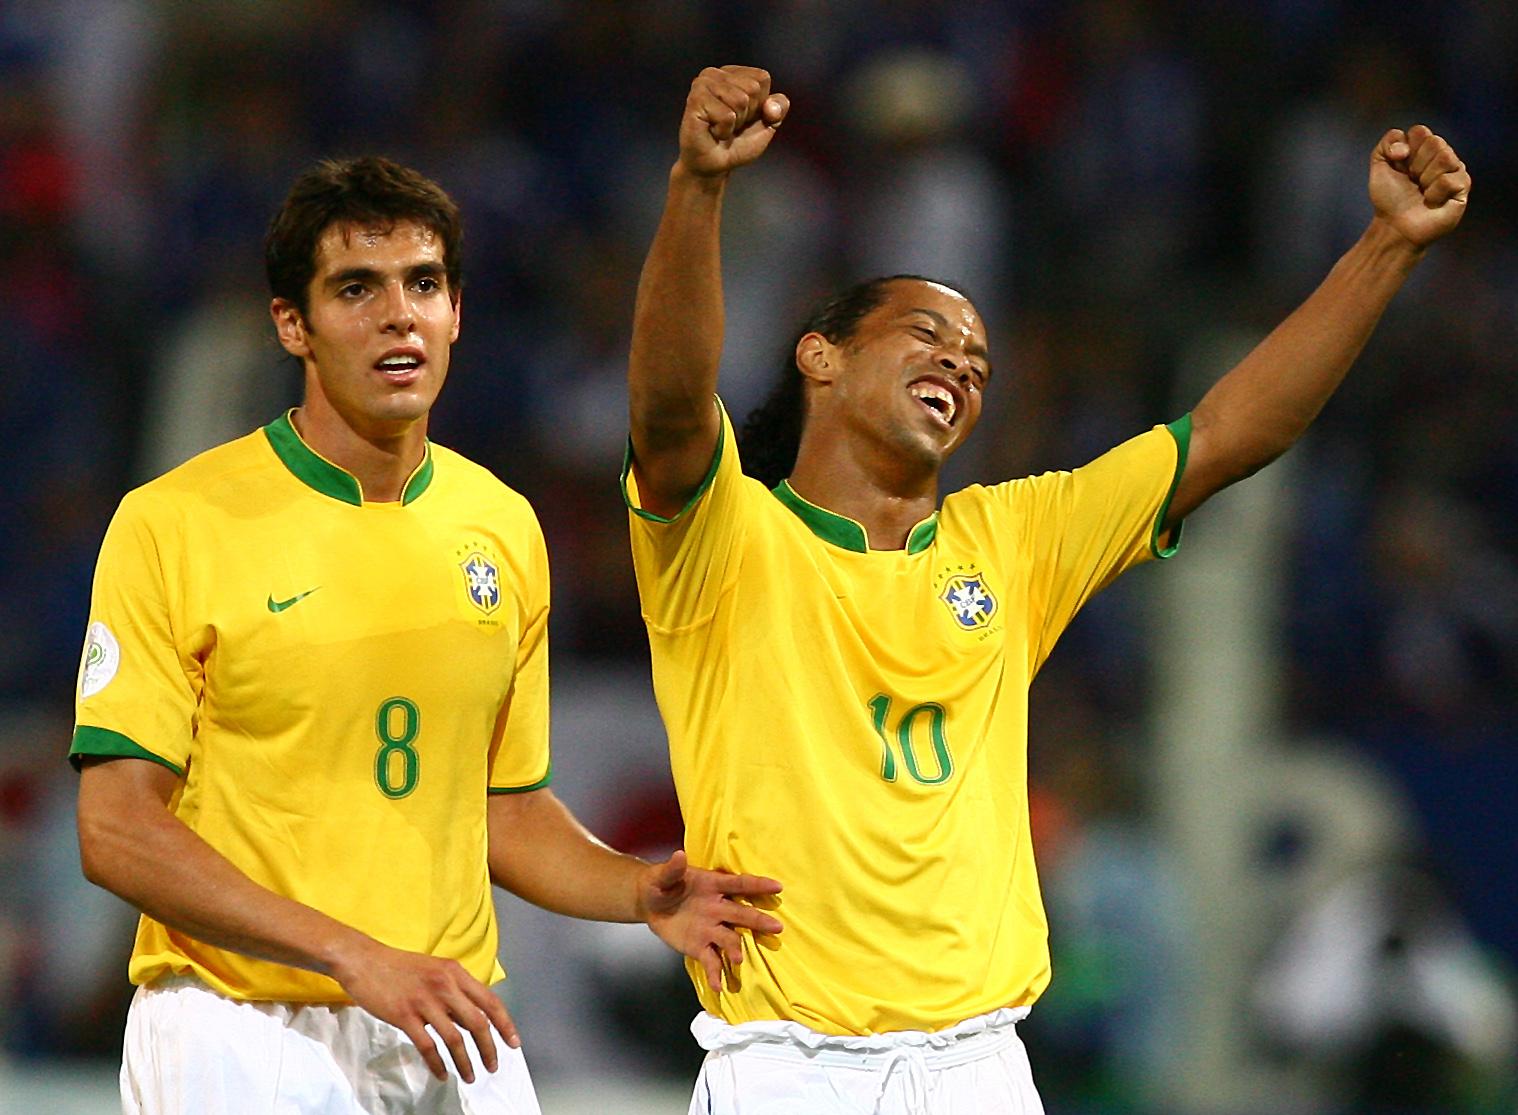 WM 2006 - Ronaldinho und Kaka jubeln